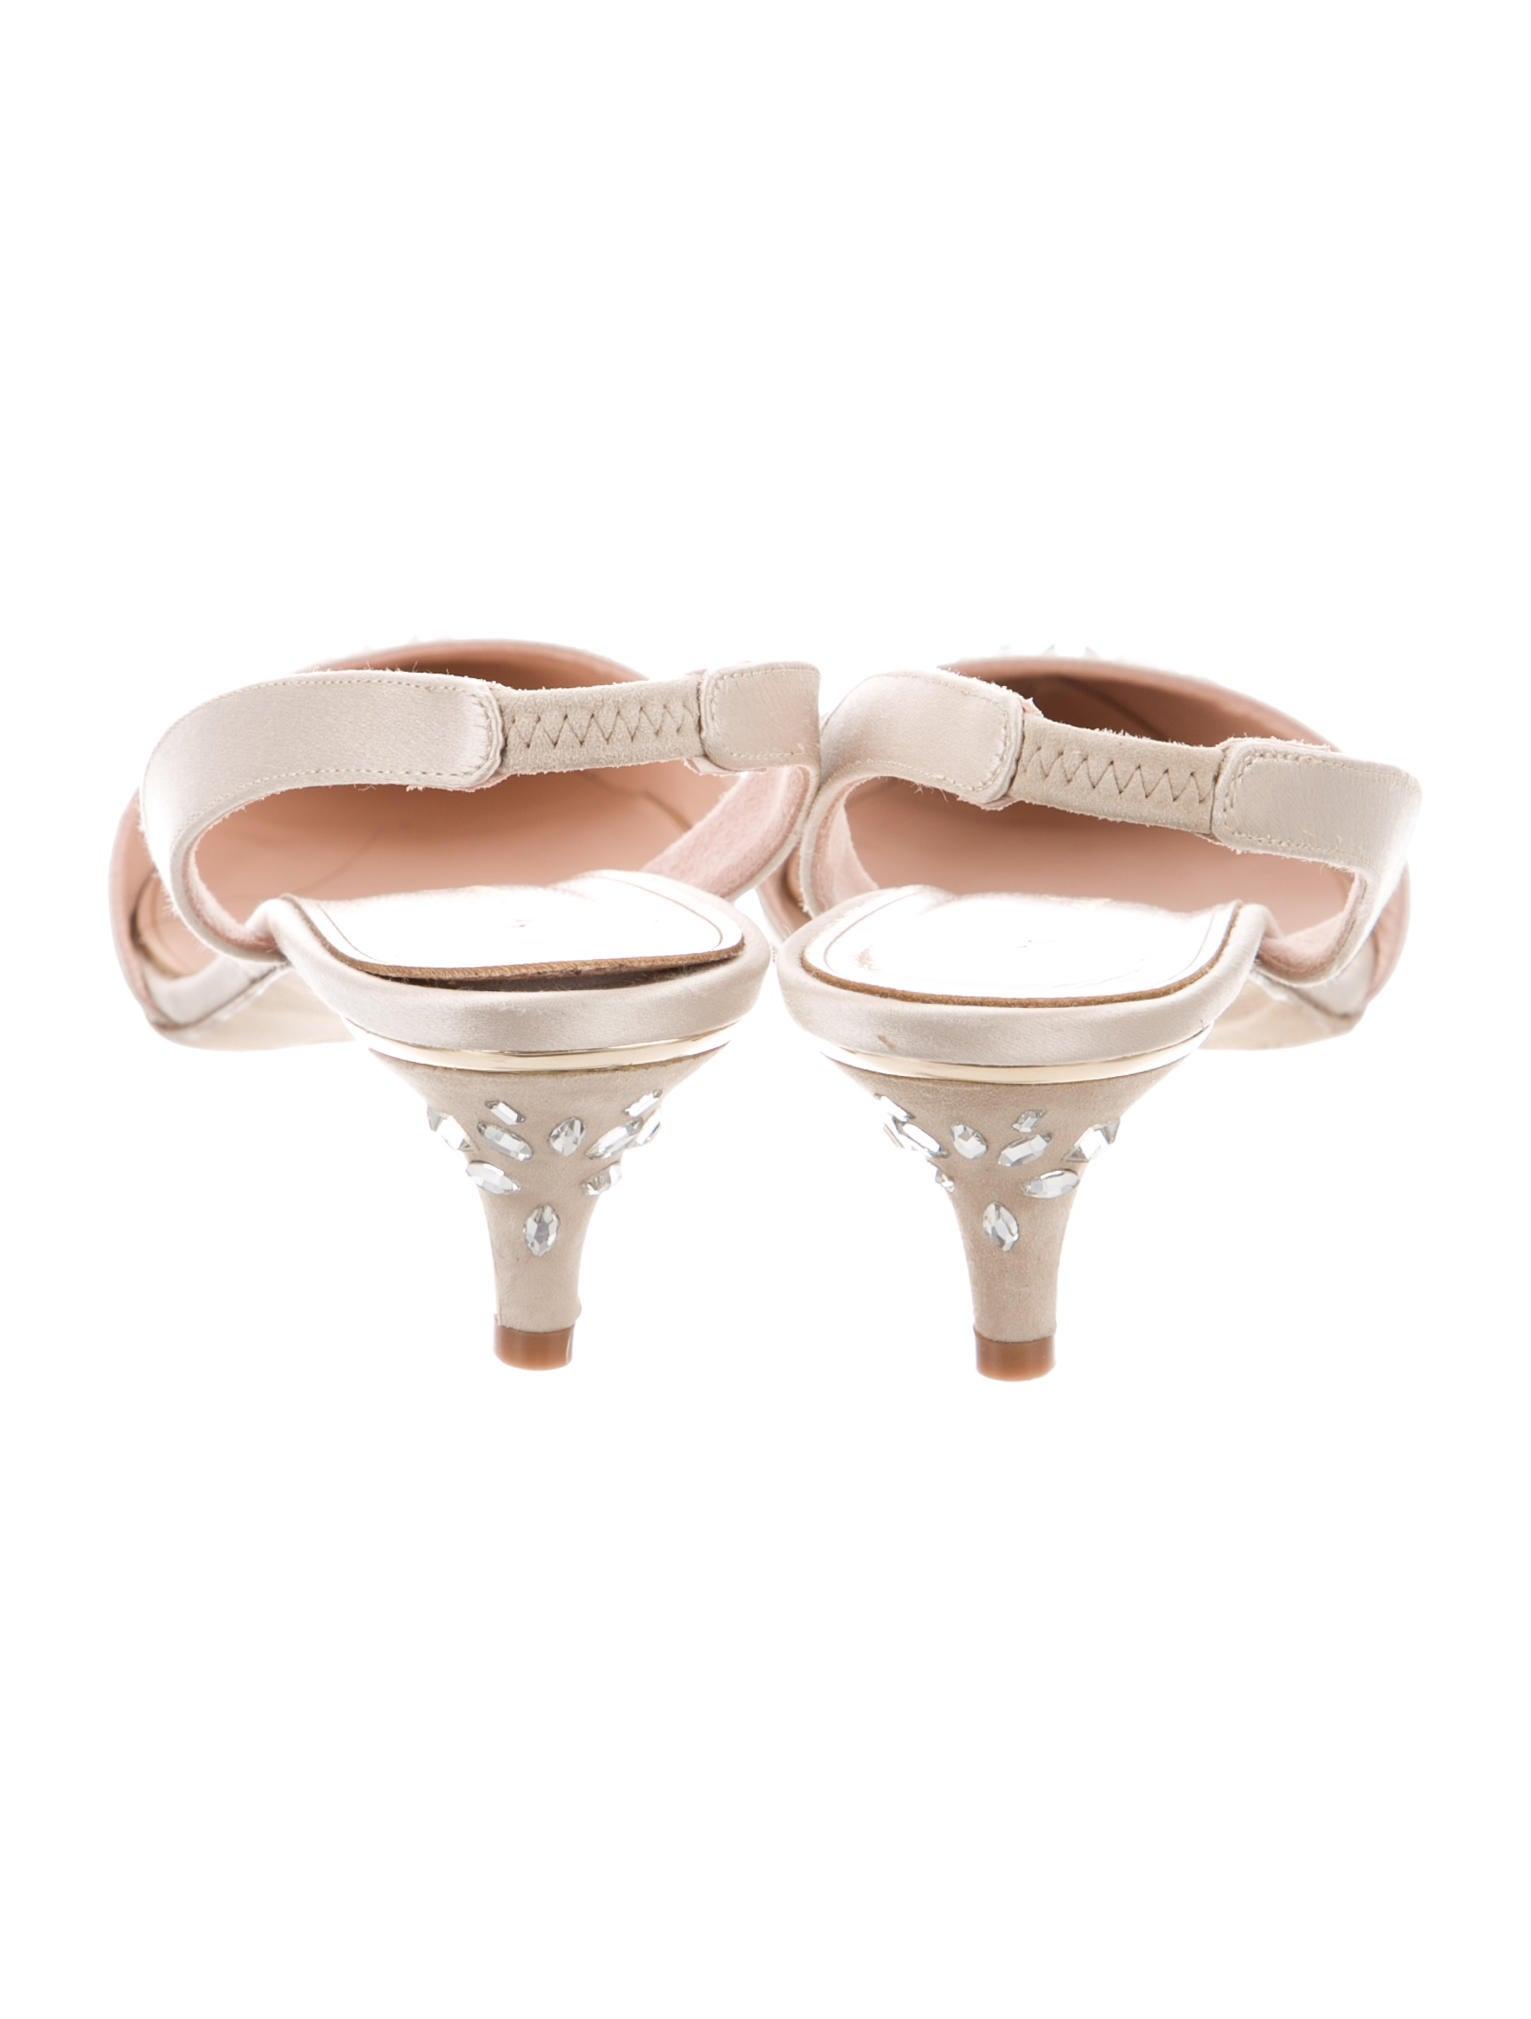 Oscar de la renta sami strass pumps shoes osc41213 for Oscar de la renta candles